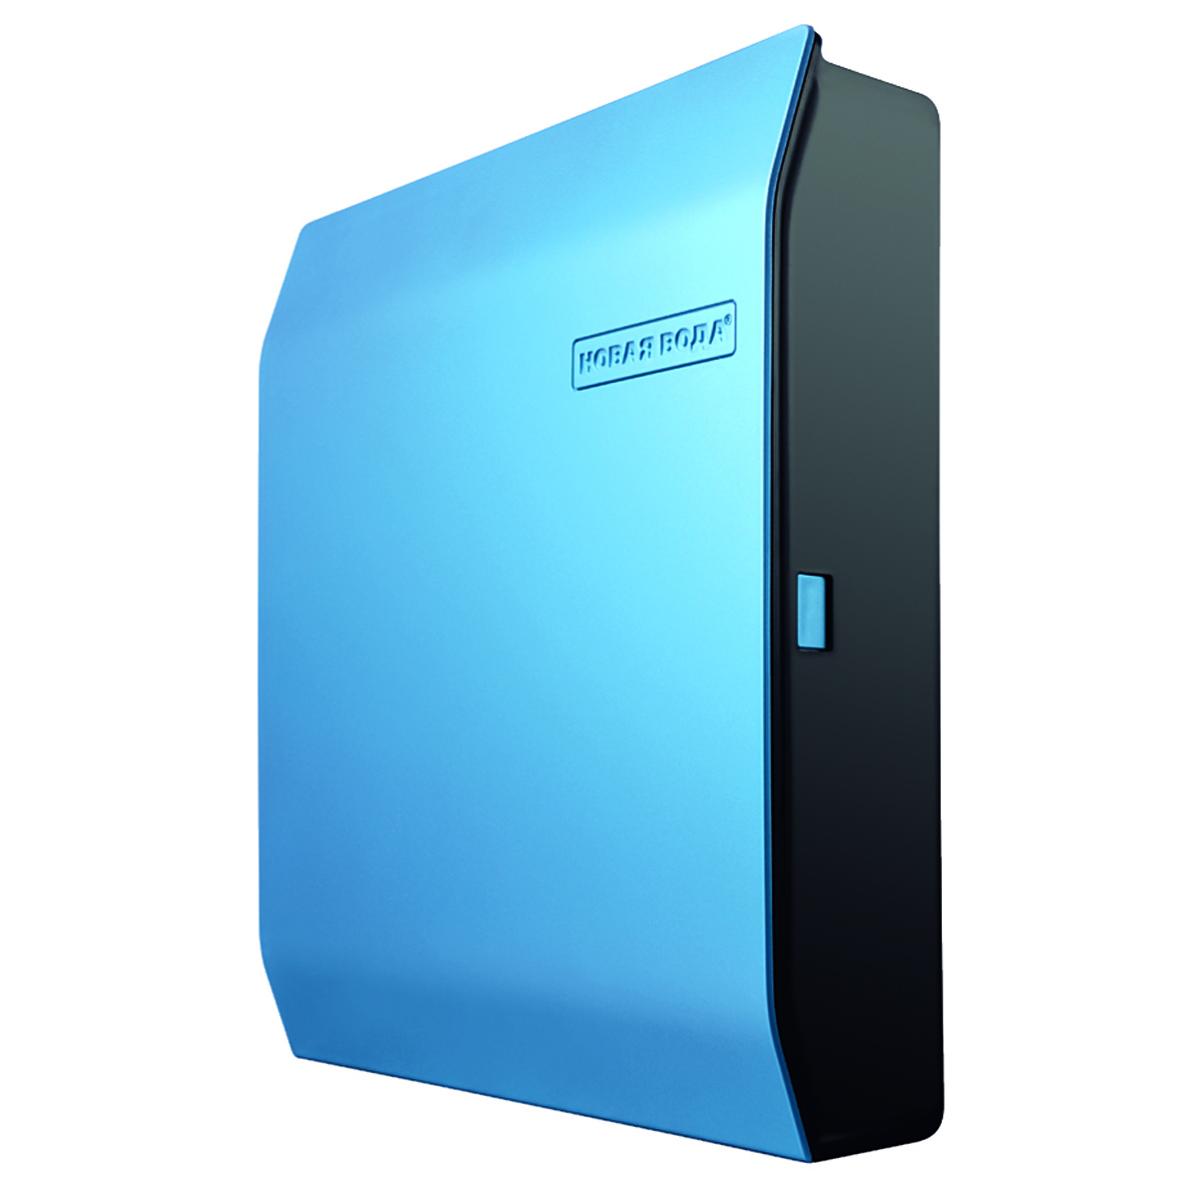 Фильтр для воды Prio Expert. M310, суперкомпактный 5-ого поколенияBL505Фильтры под мойку нового поколения Expert — настоящий прорыв в области очистки воды благодаря совершенному дизайну, быстросъемным картриджам и инновационным технологиям очистки воды.Многоступенчатые системы Expert занимают на 50% меньше места, чем традиционные системы, они имеют тонкий корпус — всего 8,5 см — и обладают ультрасовременным дизайном.Это позволяет:- разместить фильтр под мойкой, не занимая при этом много места- быть уверенным в том, что фильтр не будет поврежден при размещении под мойкой посуды и хоз.принадлежностей (например, мусорного ведра)- разместить фильтр на открытом пространстве над, либо рядом с мойкой, восхищая гостей превосходным дизайном системы и облегчая доступ к ней при смене картриджей- устанавливать фильтр горизонтально (например, закрепляя к верхней части шкафа под мойкой), делая его практически незаметнымИспользование: очистка от механических примесей (ржавчины, ила, песка и т.п.), растворенных примесей, таких как свободного хлора, хлорорганических соединений, пестицидов, гербицидов, сельскохозяйственных удобрений и продуктов их распада, фенолов, нефтепродуктов, алюминия, тяжелых металлов, радиоактивных элементов, солей жесткости и иных органических и неорганических веществ. Предназначение: для регионов с водой, характеризующейся нормальным и повышенным содержанием солей жесткости. Эксклюзивная разработка Prio, не имеющая аналогов - использование уникальных картриджей:-отсутствиеголовы, в которой в процессе многолетней эксплуатации могут скапливаться загрязнение - гарантирует Вам кристально чистую воду даже через 10 лет эксплуатации- только у фильтров Expert картриджи имеют вход и выход на противоположных концах картриджа - вкупе с фирменной технологией Invortex (движение воды внутри фильтра по спирали) это не только повышает качество очистки, но и увеличивает ресурс картриджа до 2х раз по сравнению с традиционными системами- используемые картриджи быстро и просто 